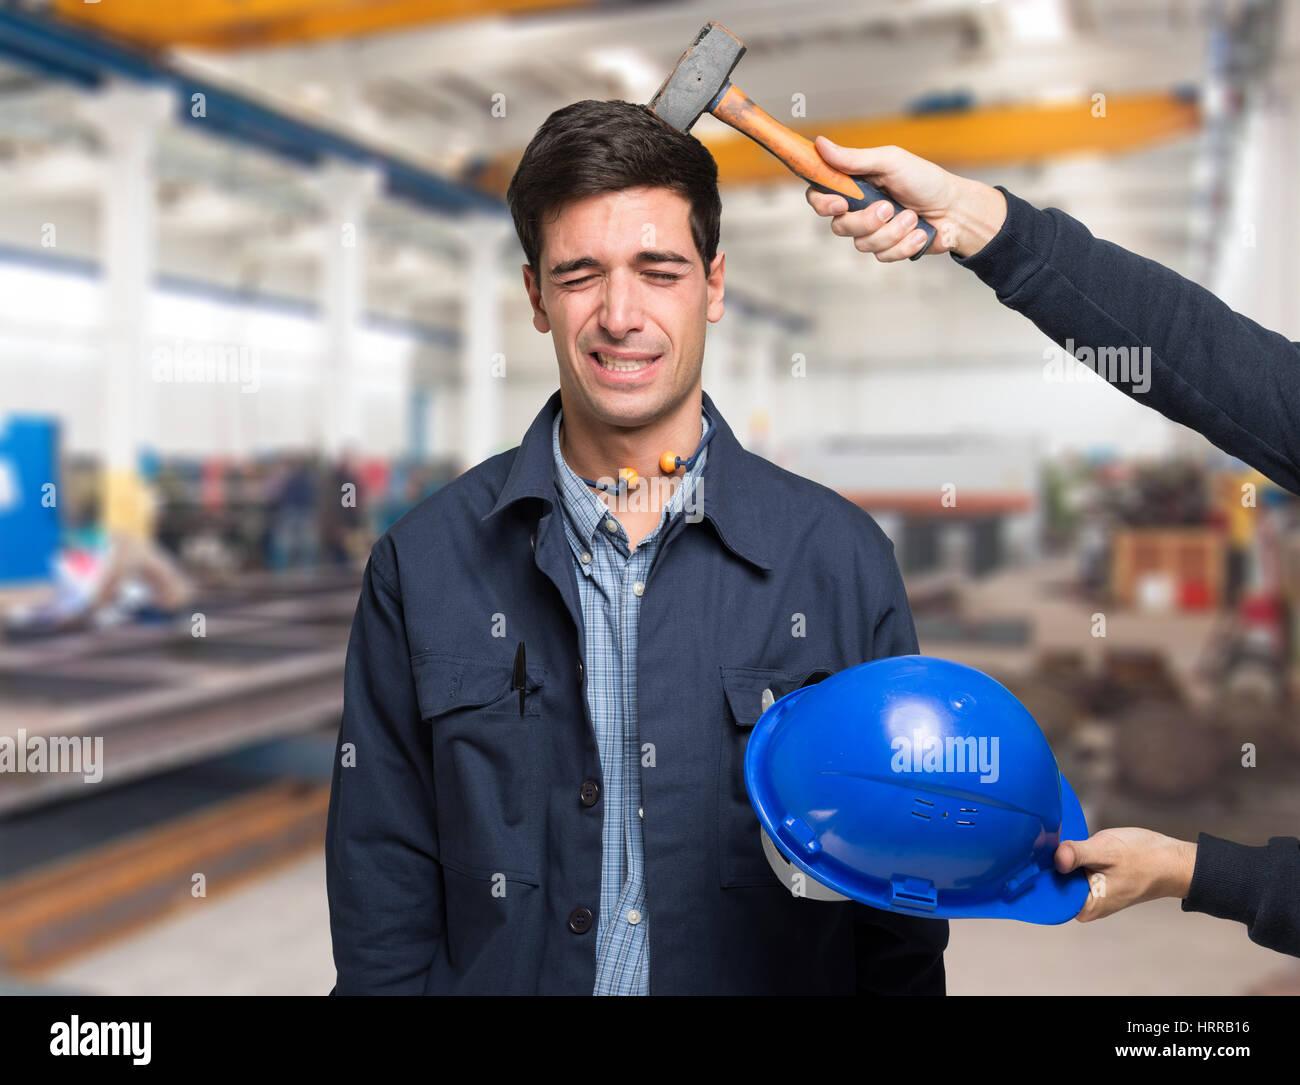 Arbeiter unter einem Hammerschlag auf den Kopf. Arbeit-Sicherheitskonzept Stockbild